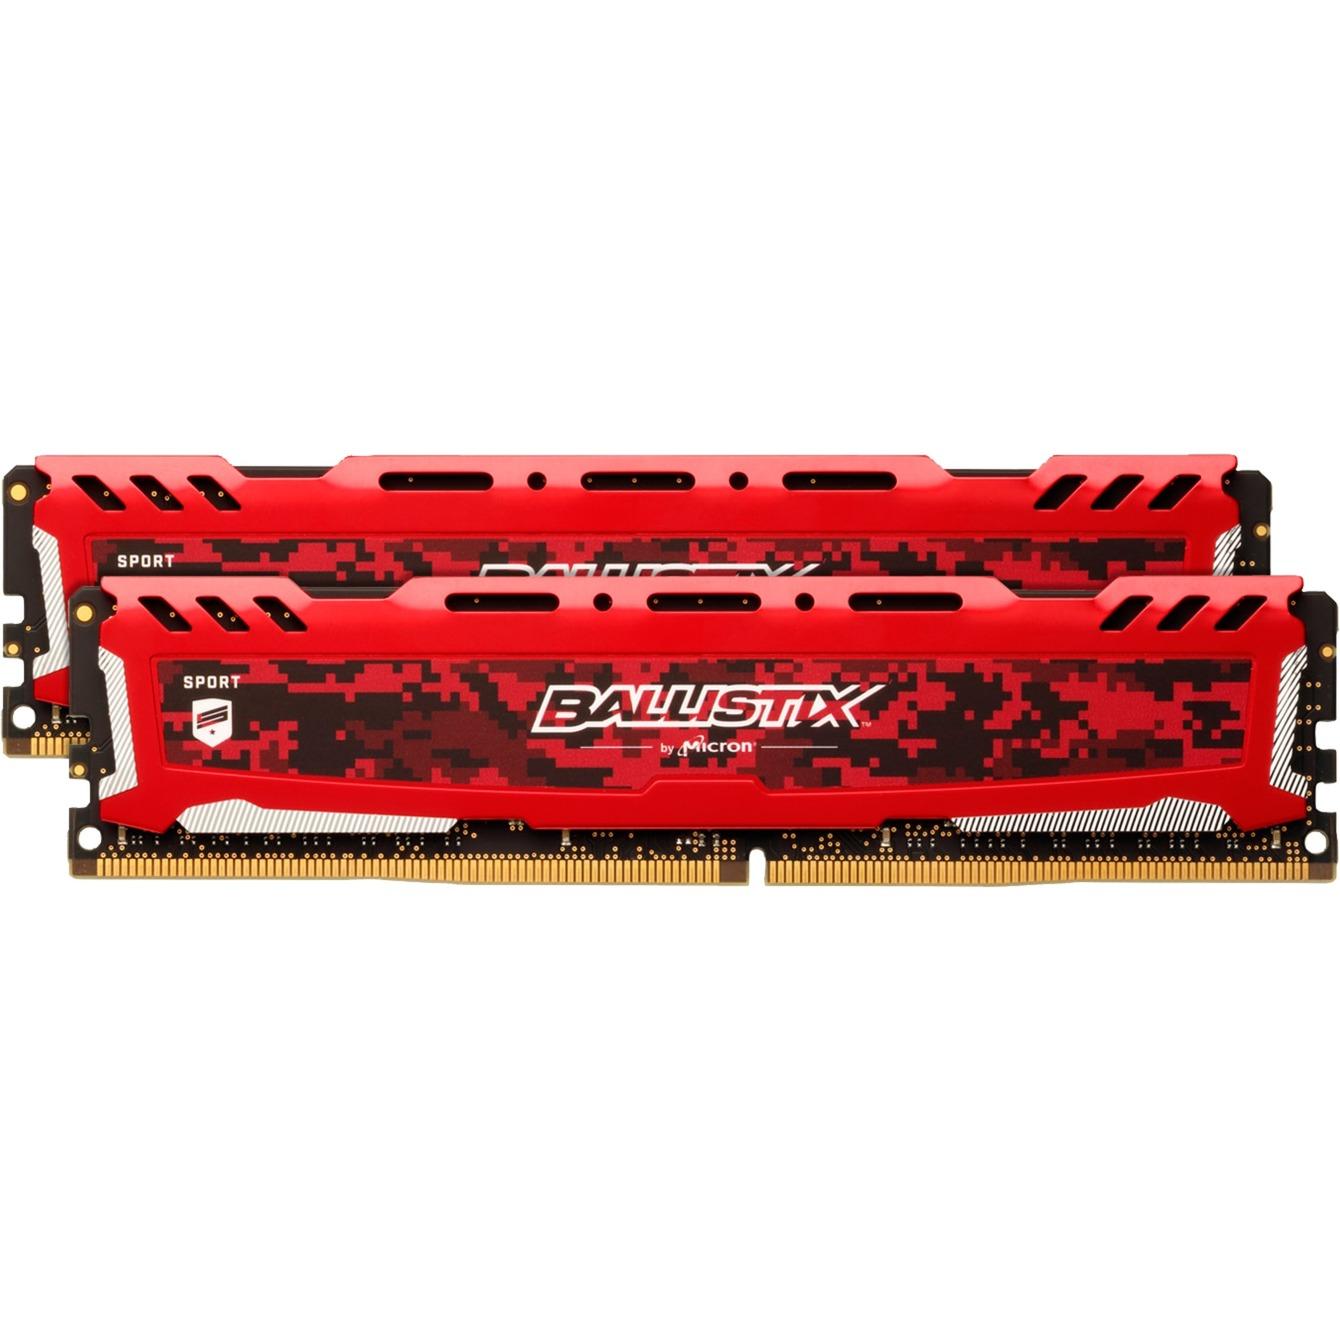 BLS2C4G4D26BFSE 8Go DDR4 2666MHz module de mémoire